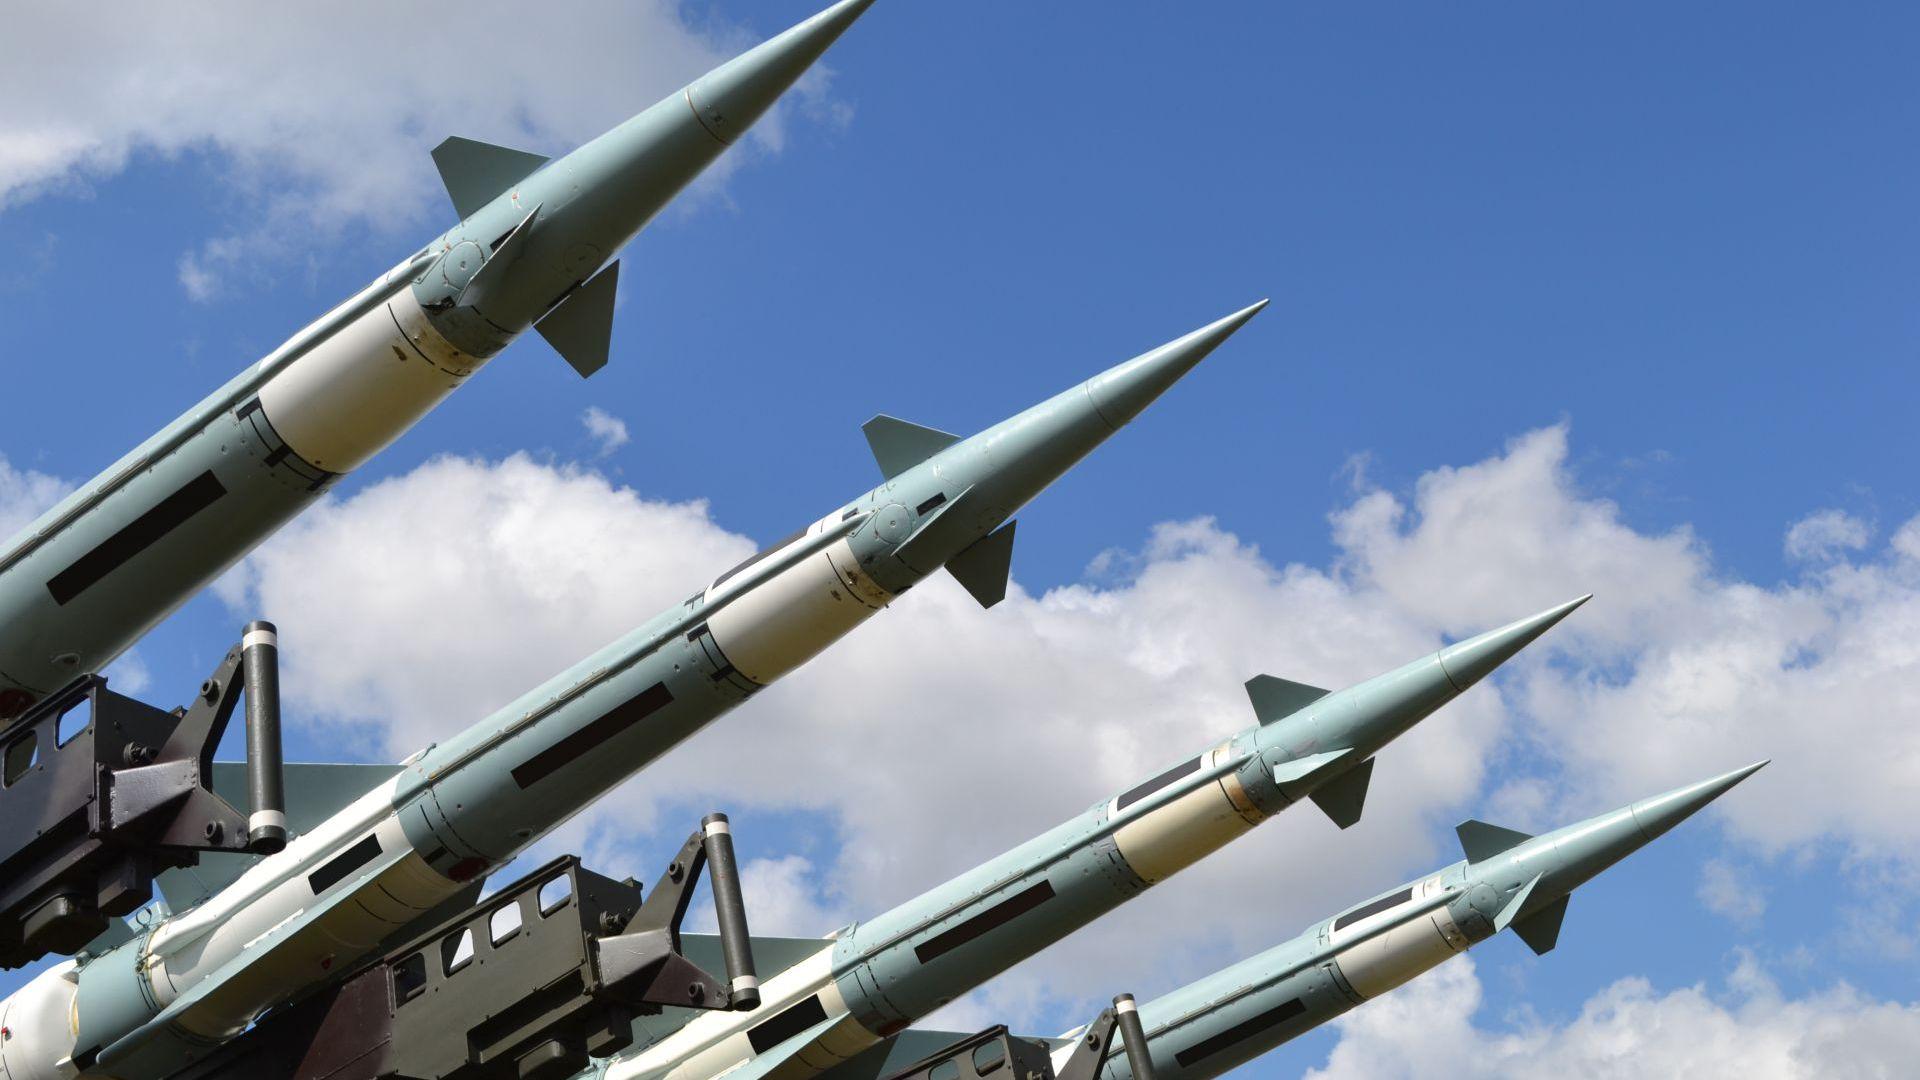 Авторитетен институт с тревога: Увеличават се разгърнатите ядрени бойни глави по света